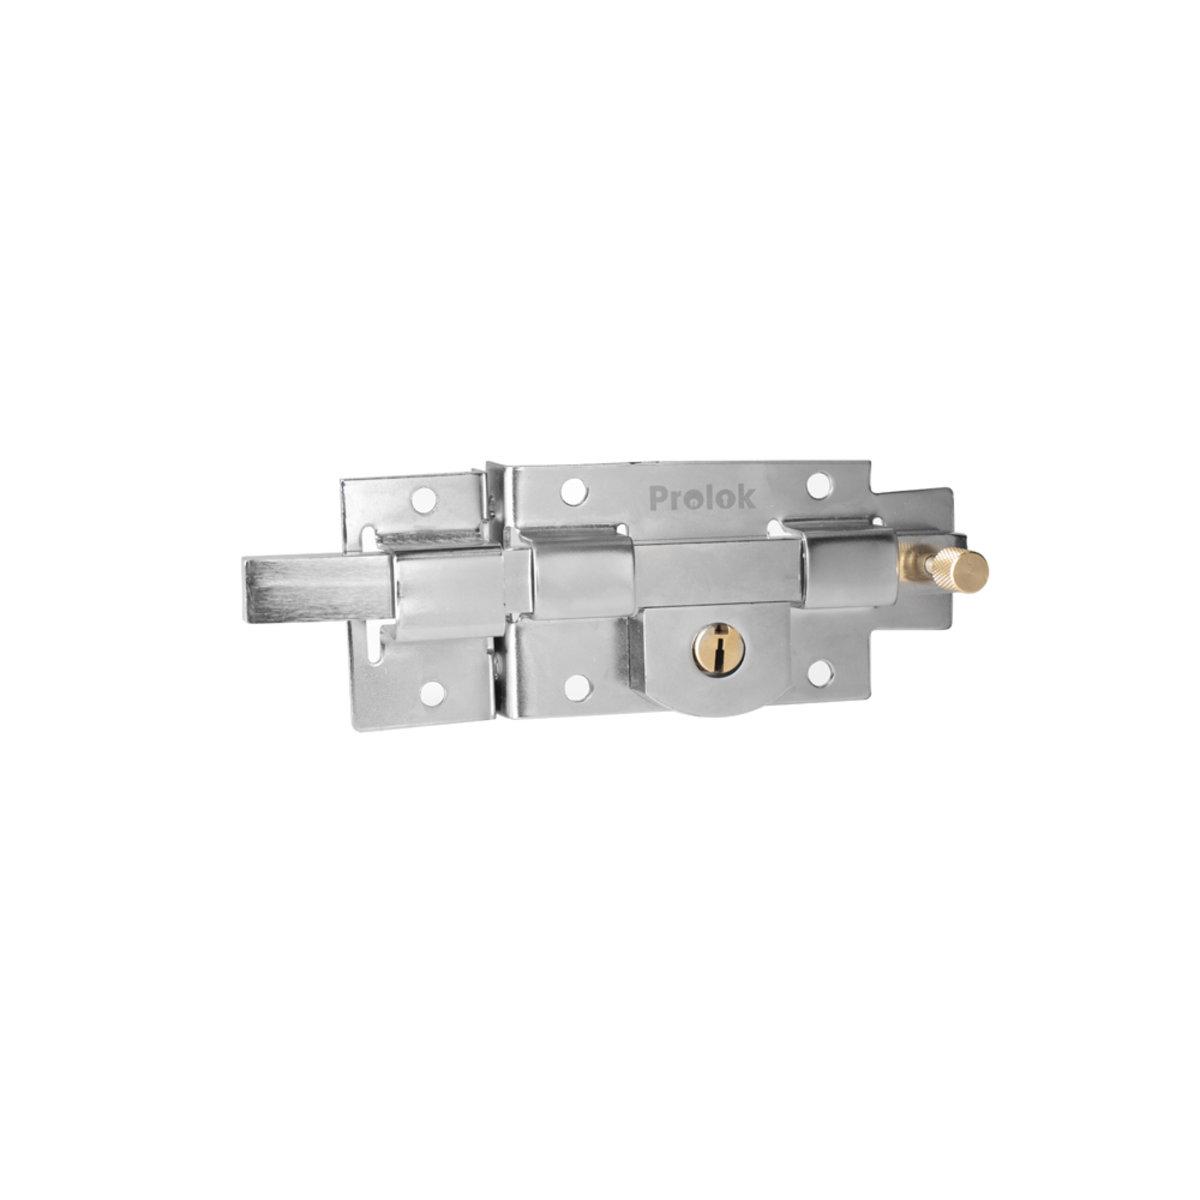 Cerradura barra fija izquierda caja Laton Solido  Prolok